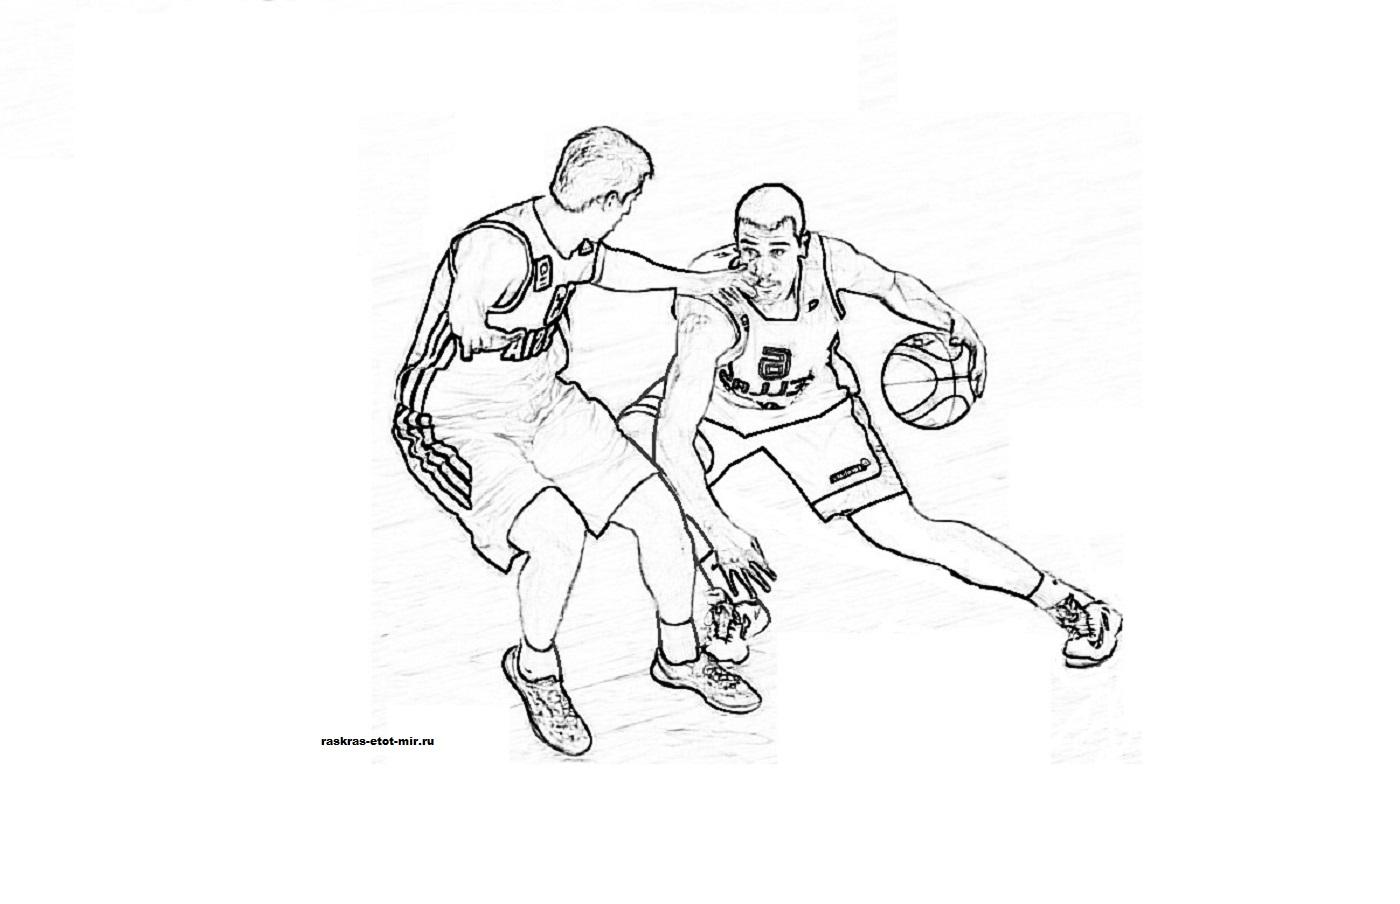 Раскраски на тему спорта - Раскрась этот мир!